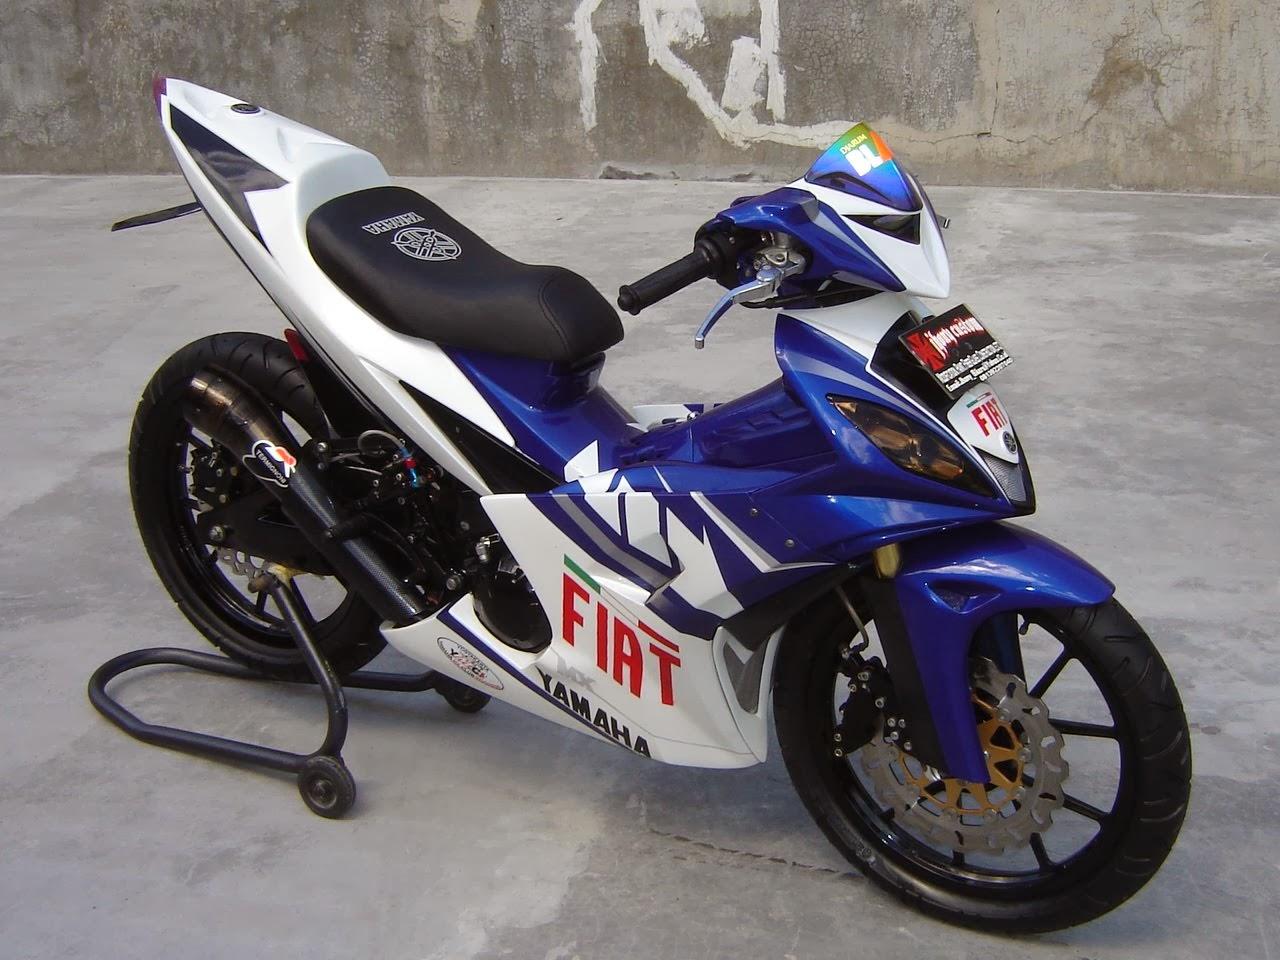 Gambar motor yamaha jupiter mx modif di singaraja